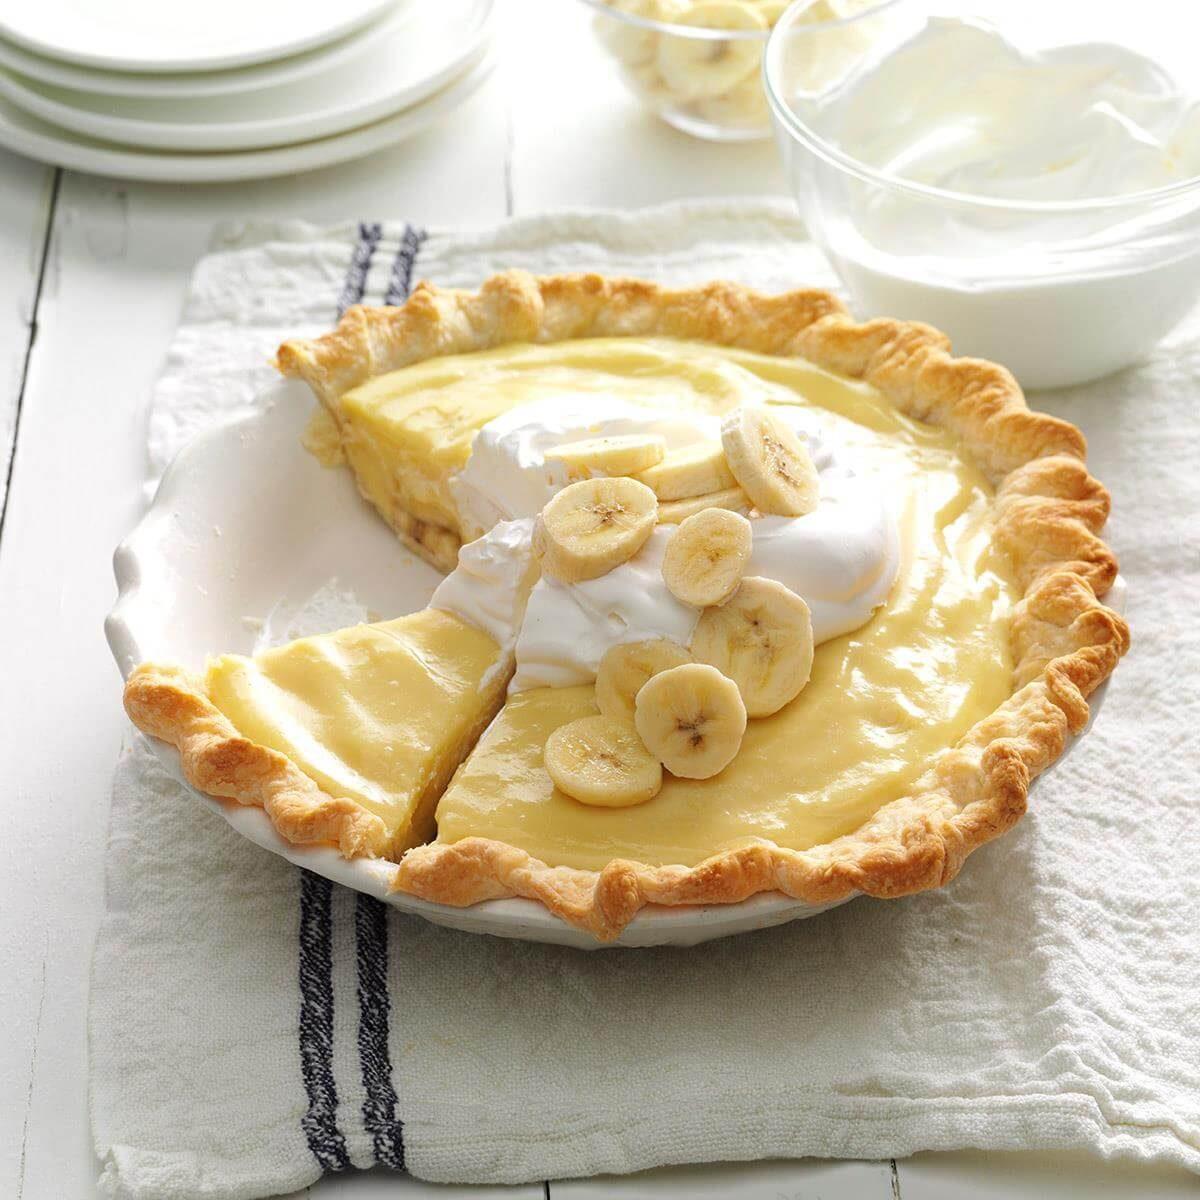 Minnesota: Banana Cream Pie